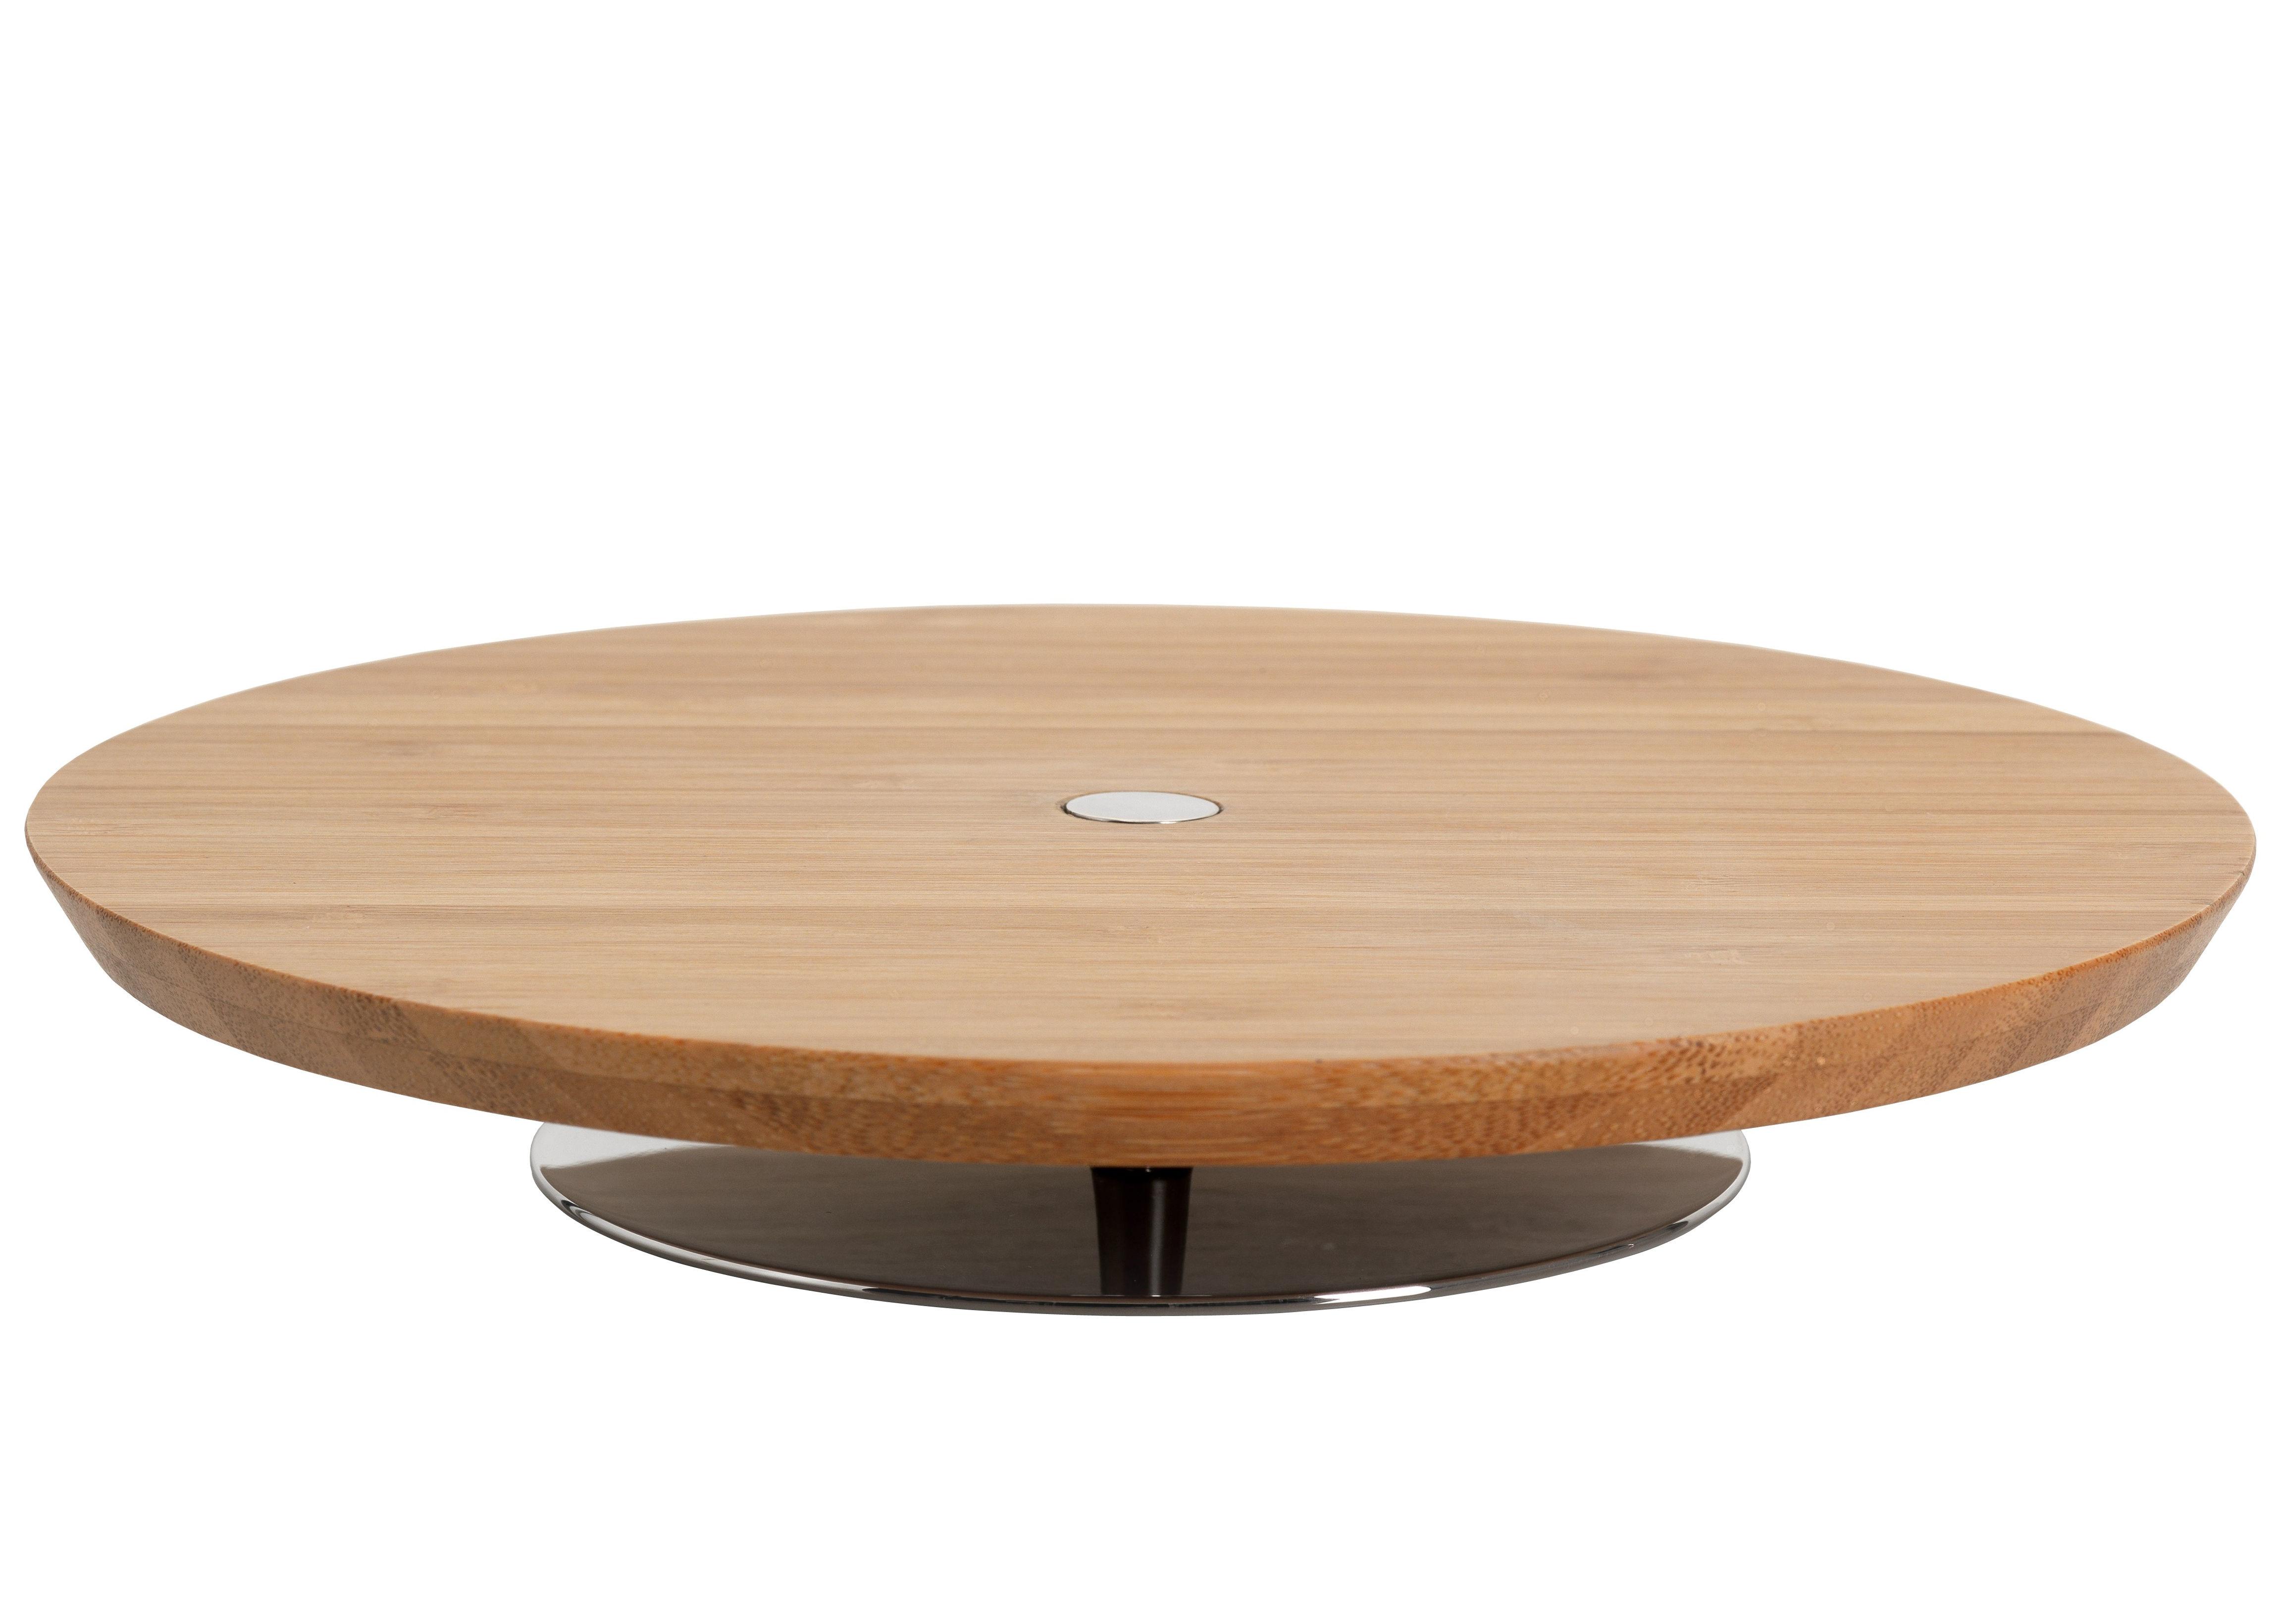 Tavola - Piatti da portata - Vassoio per presentazione Ape - Ø 20 cm - Per salumi e formaggi di Alessi - Ø 20 cm x H 3,5 cm - Bois naturale & inox brillante - Acciaio inossidabile, Legno